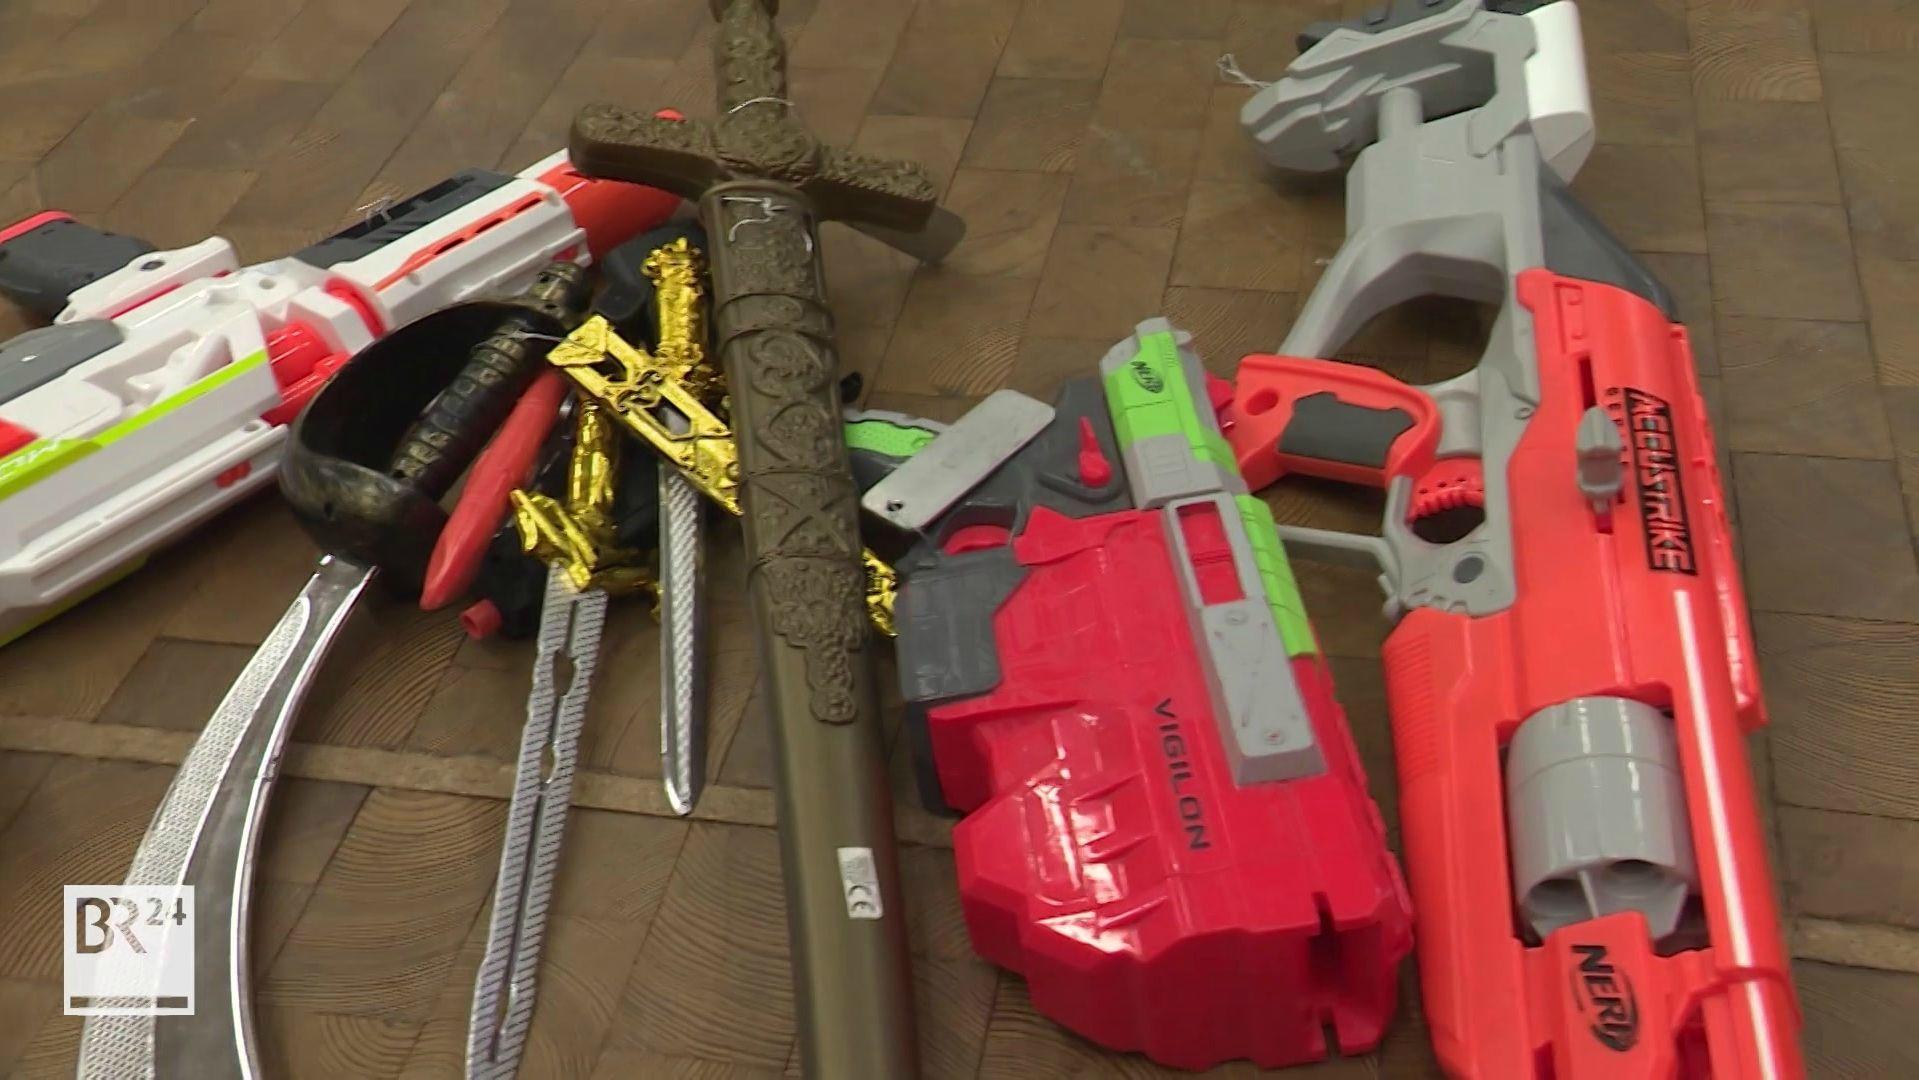 Spielzeugwaffen und Plastikschwerter liegen nebeneinander auf dem Boden